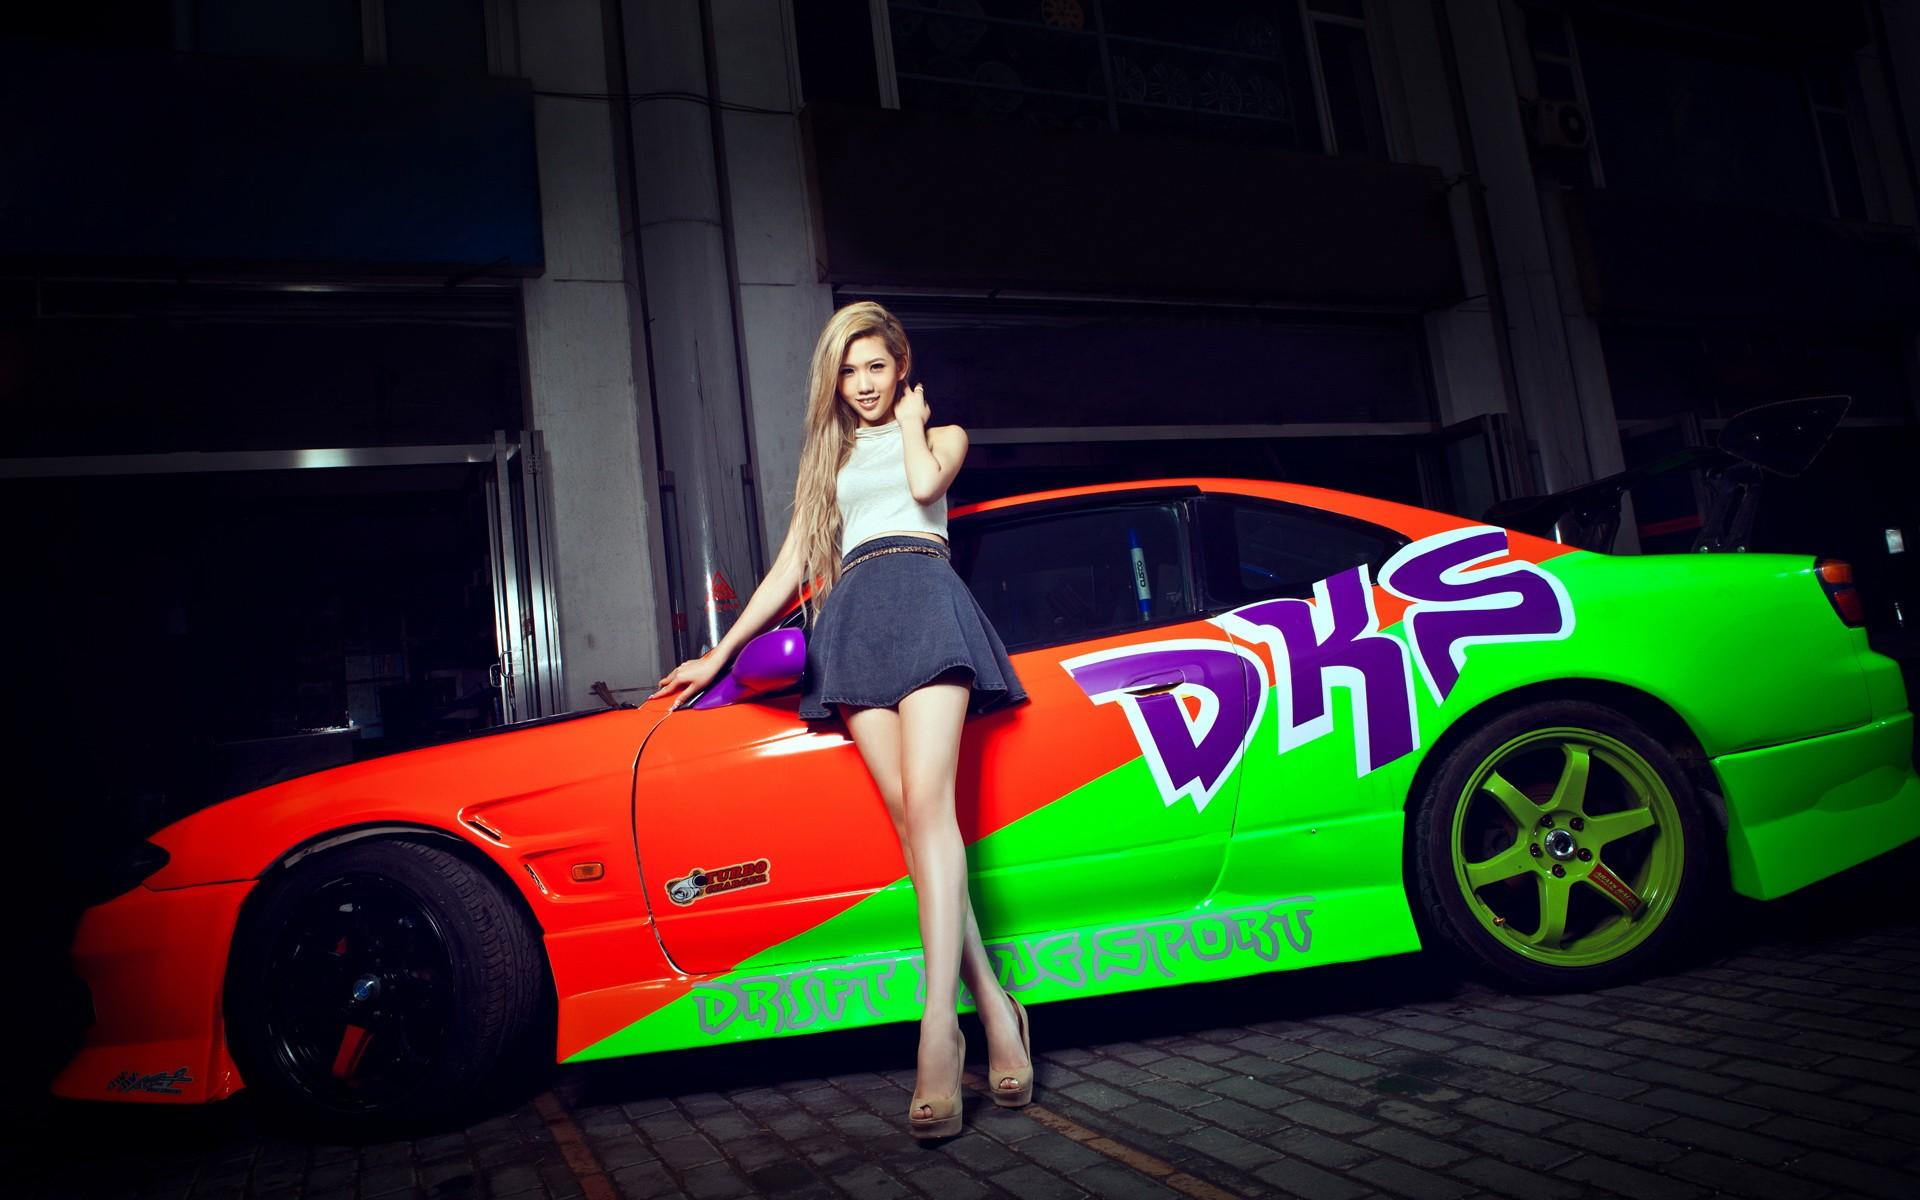 Chicas y carros - 1920x1200